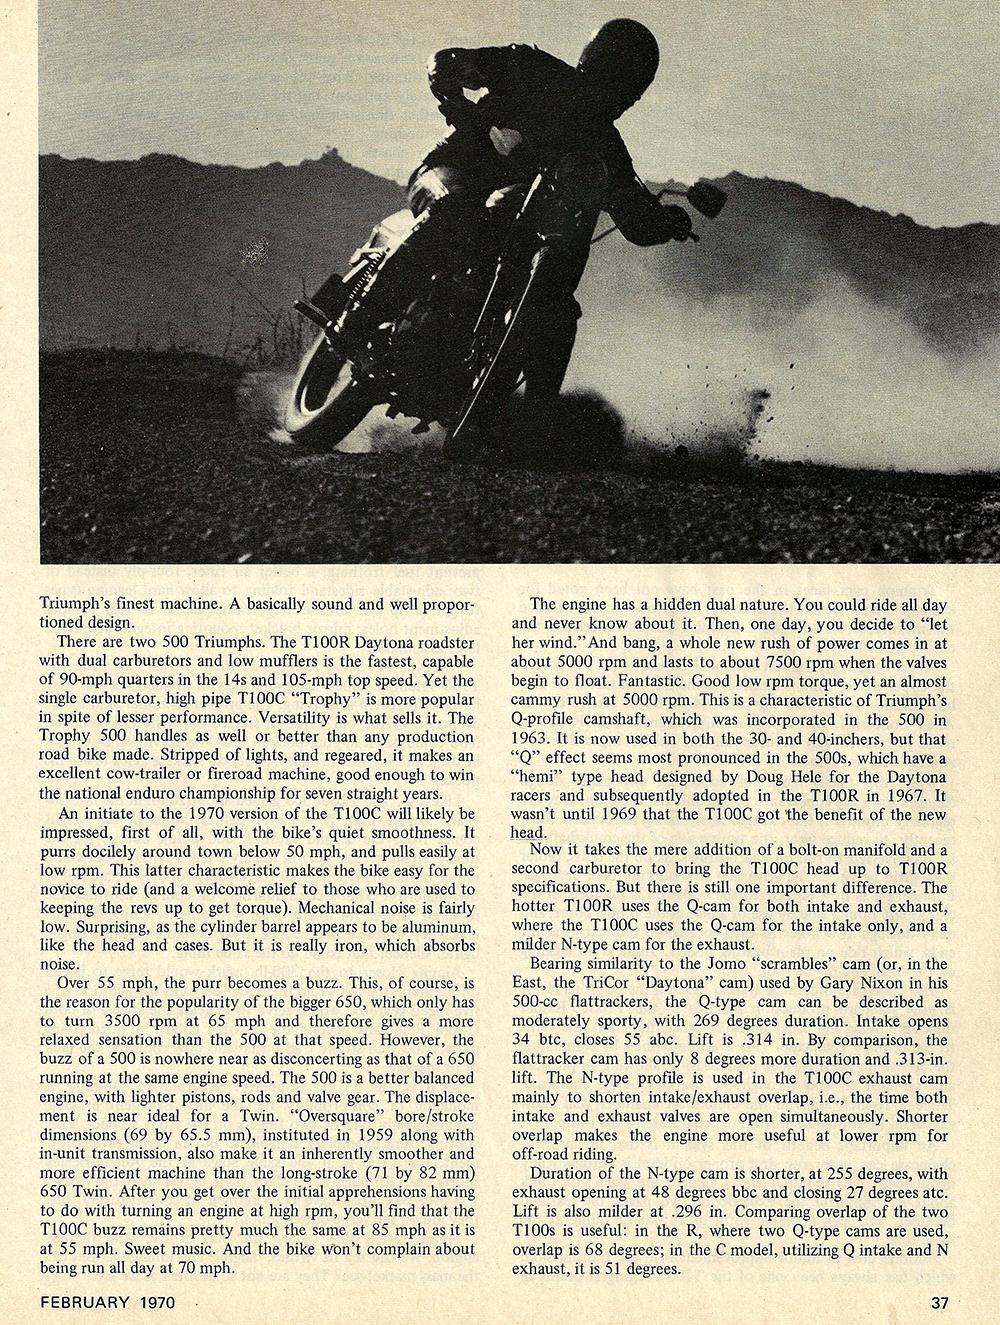 1970 Triumph Trophy 500 road test 02.jpg